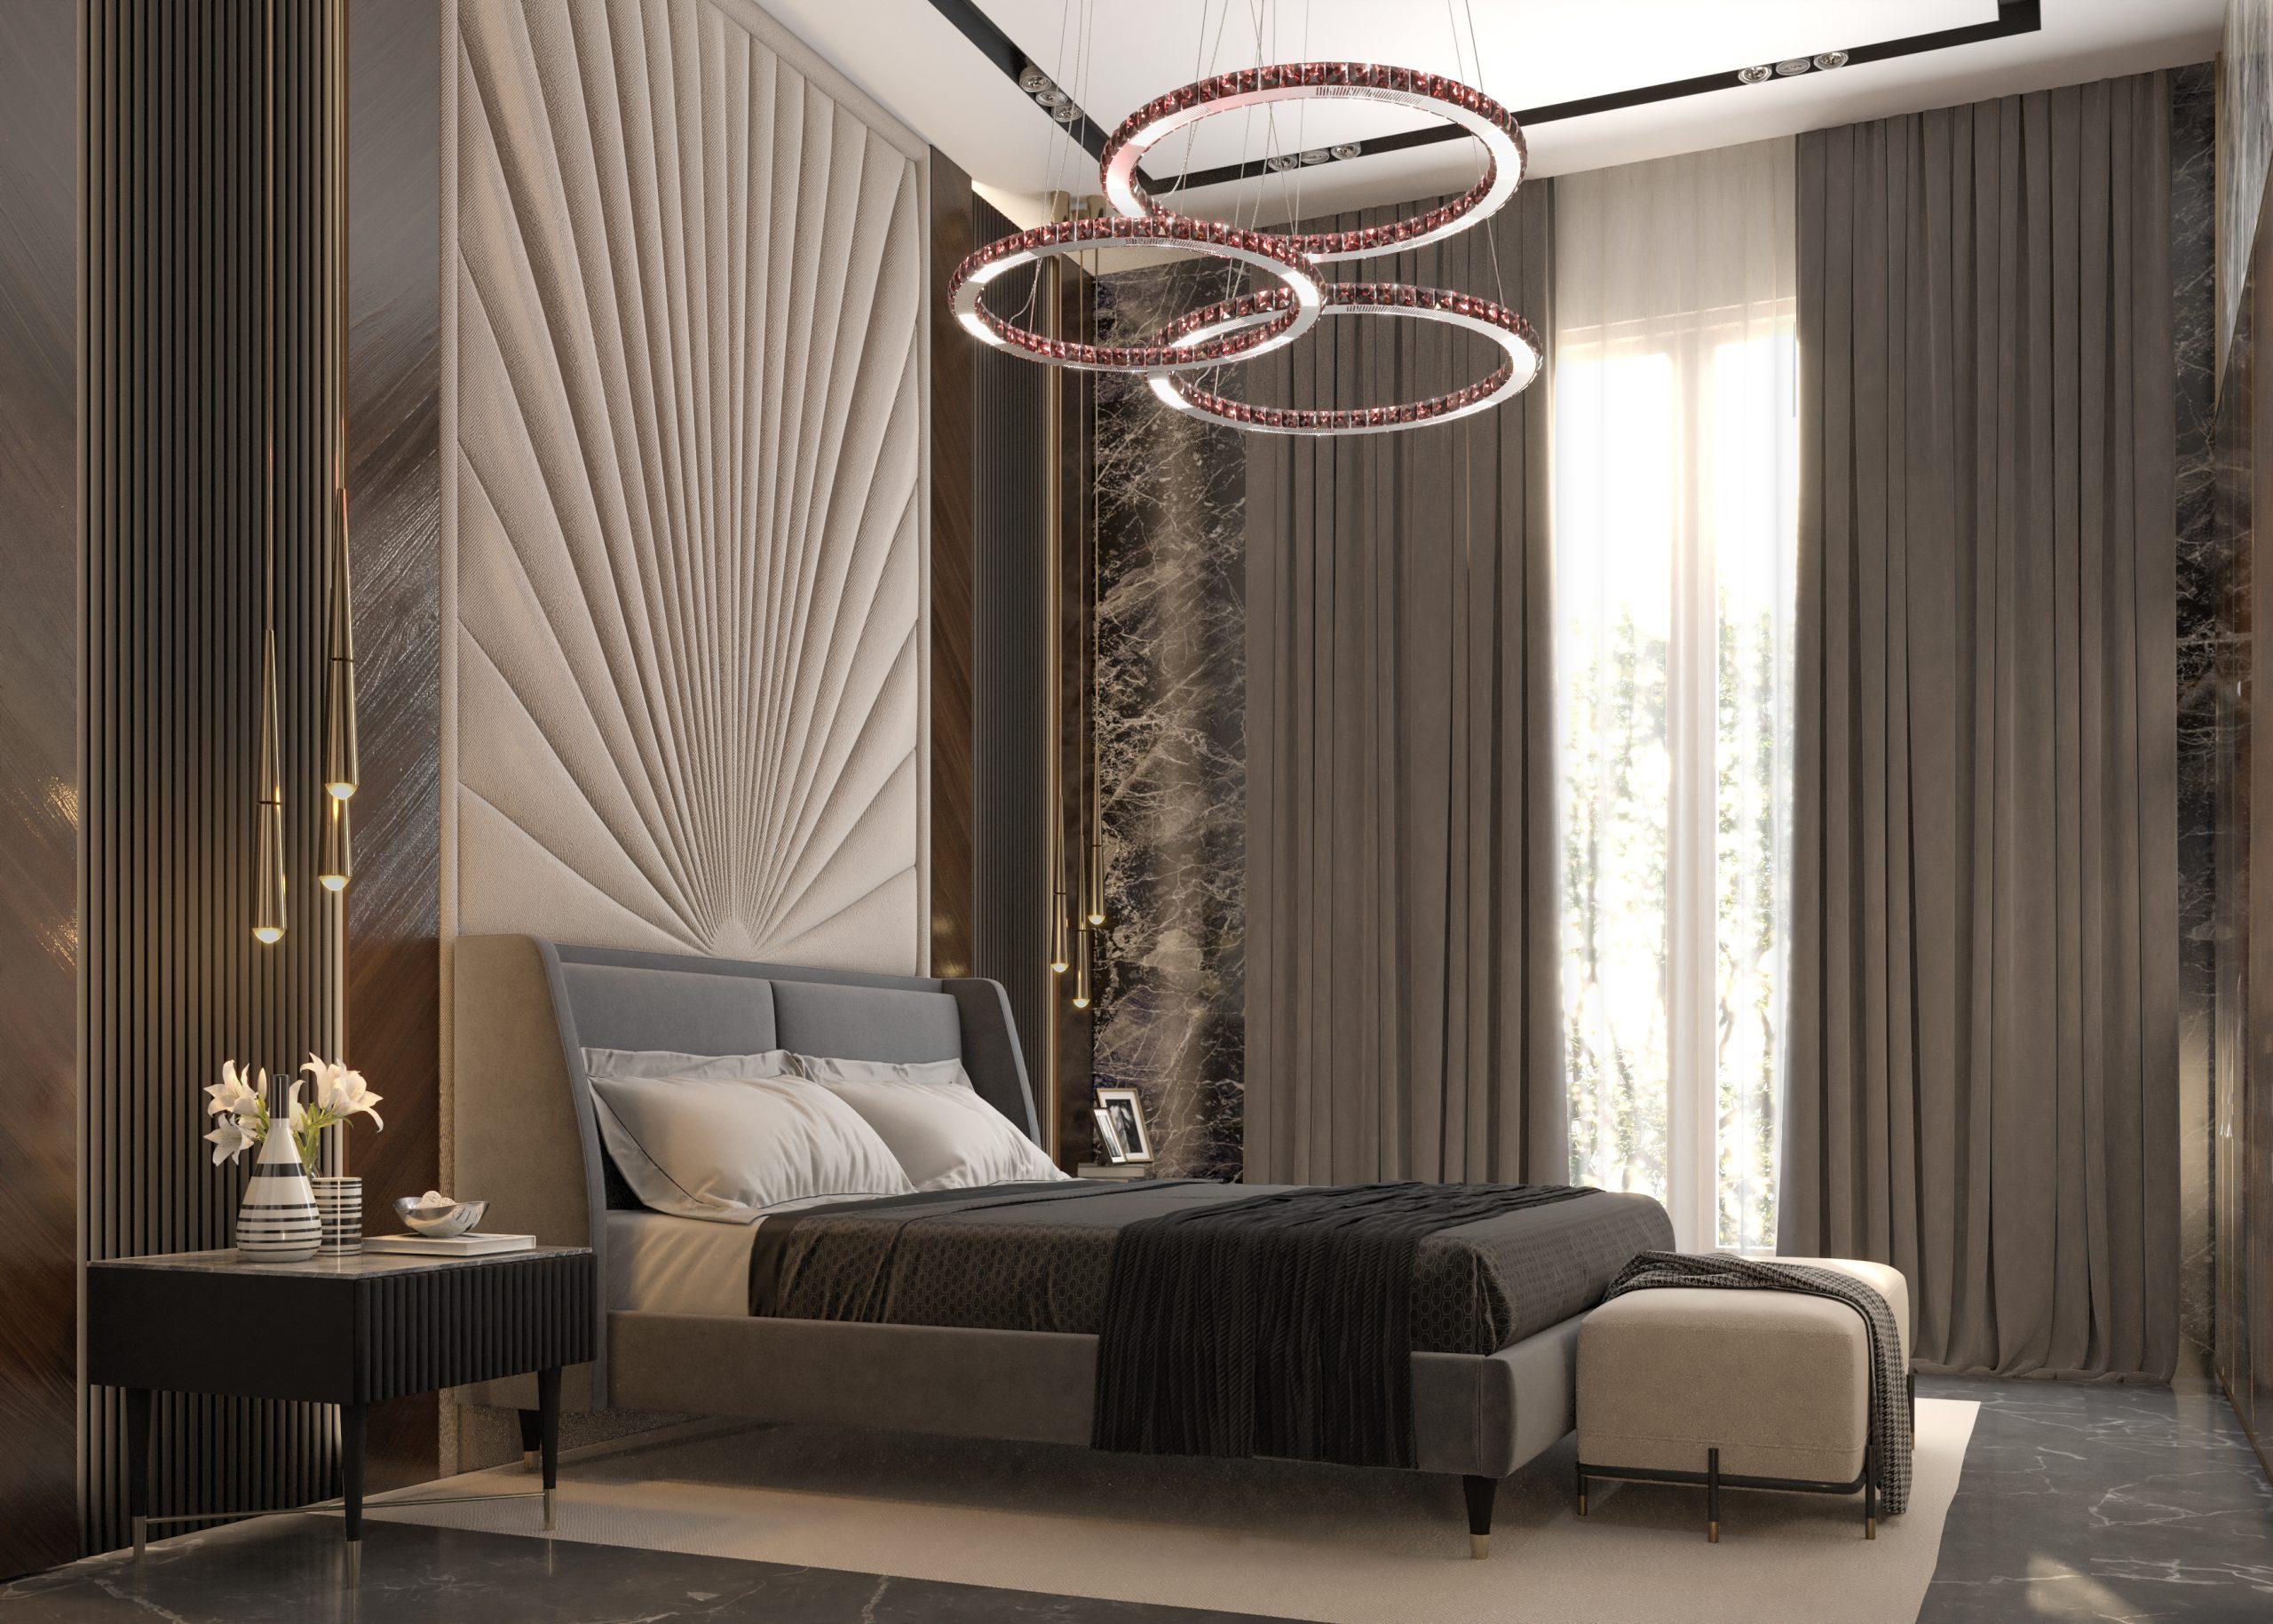 GUEST ROOM - BEDROOM - BROWN